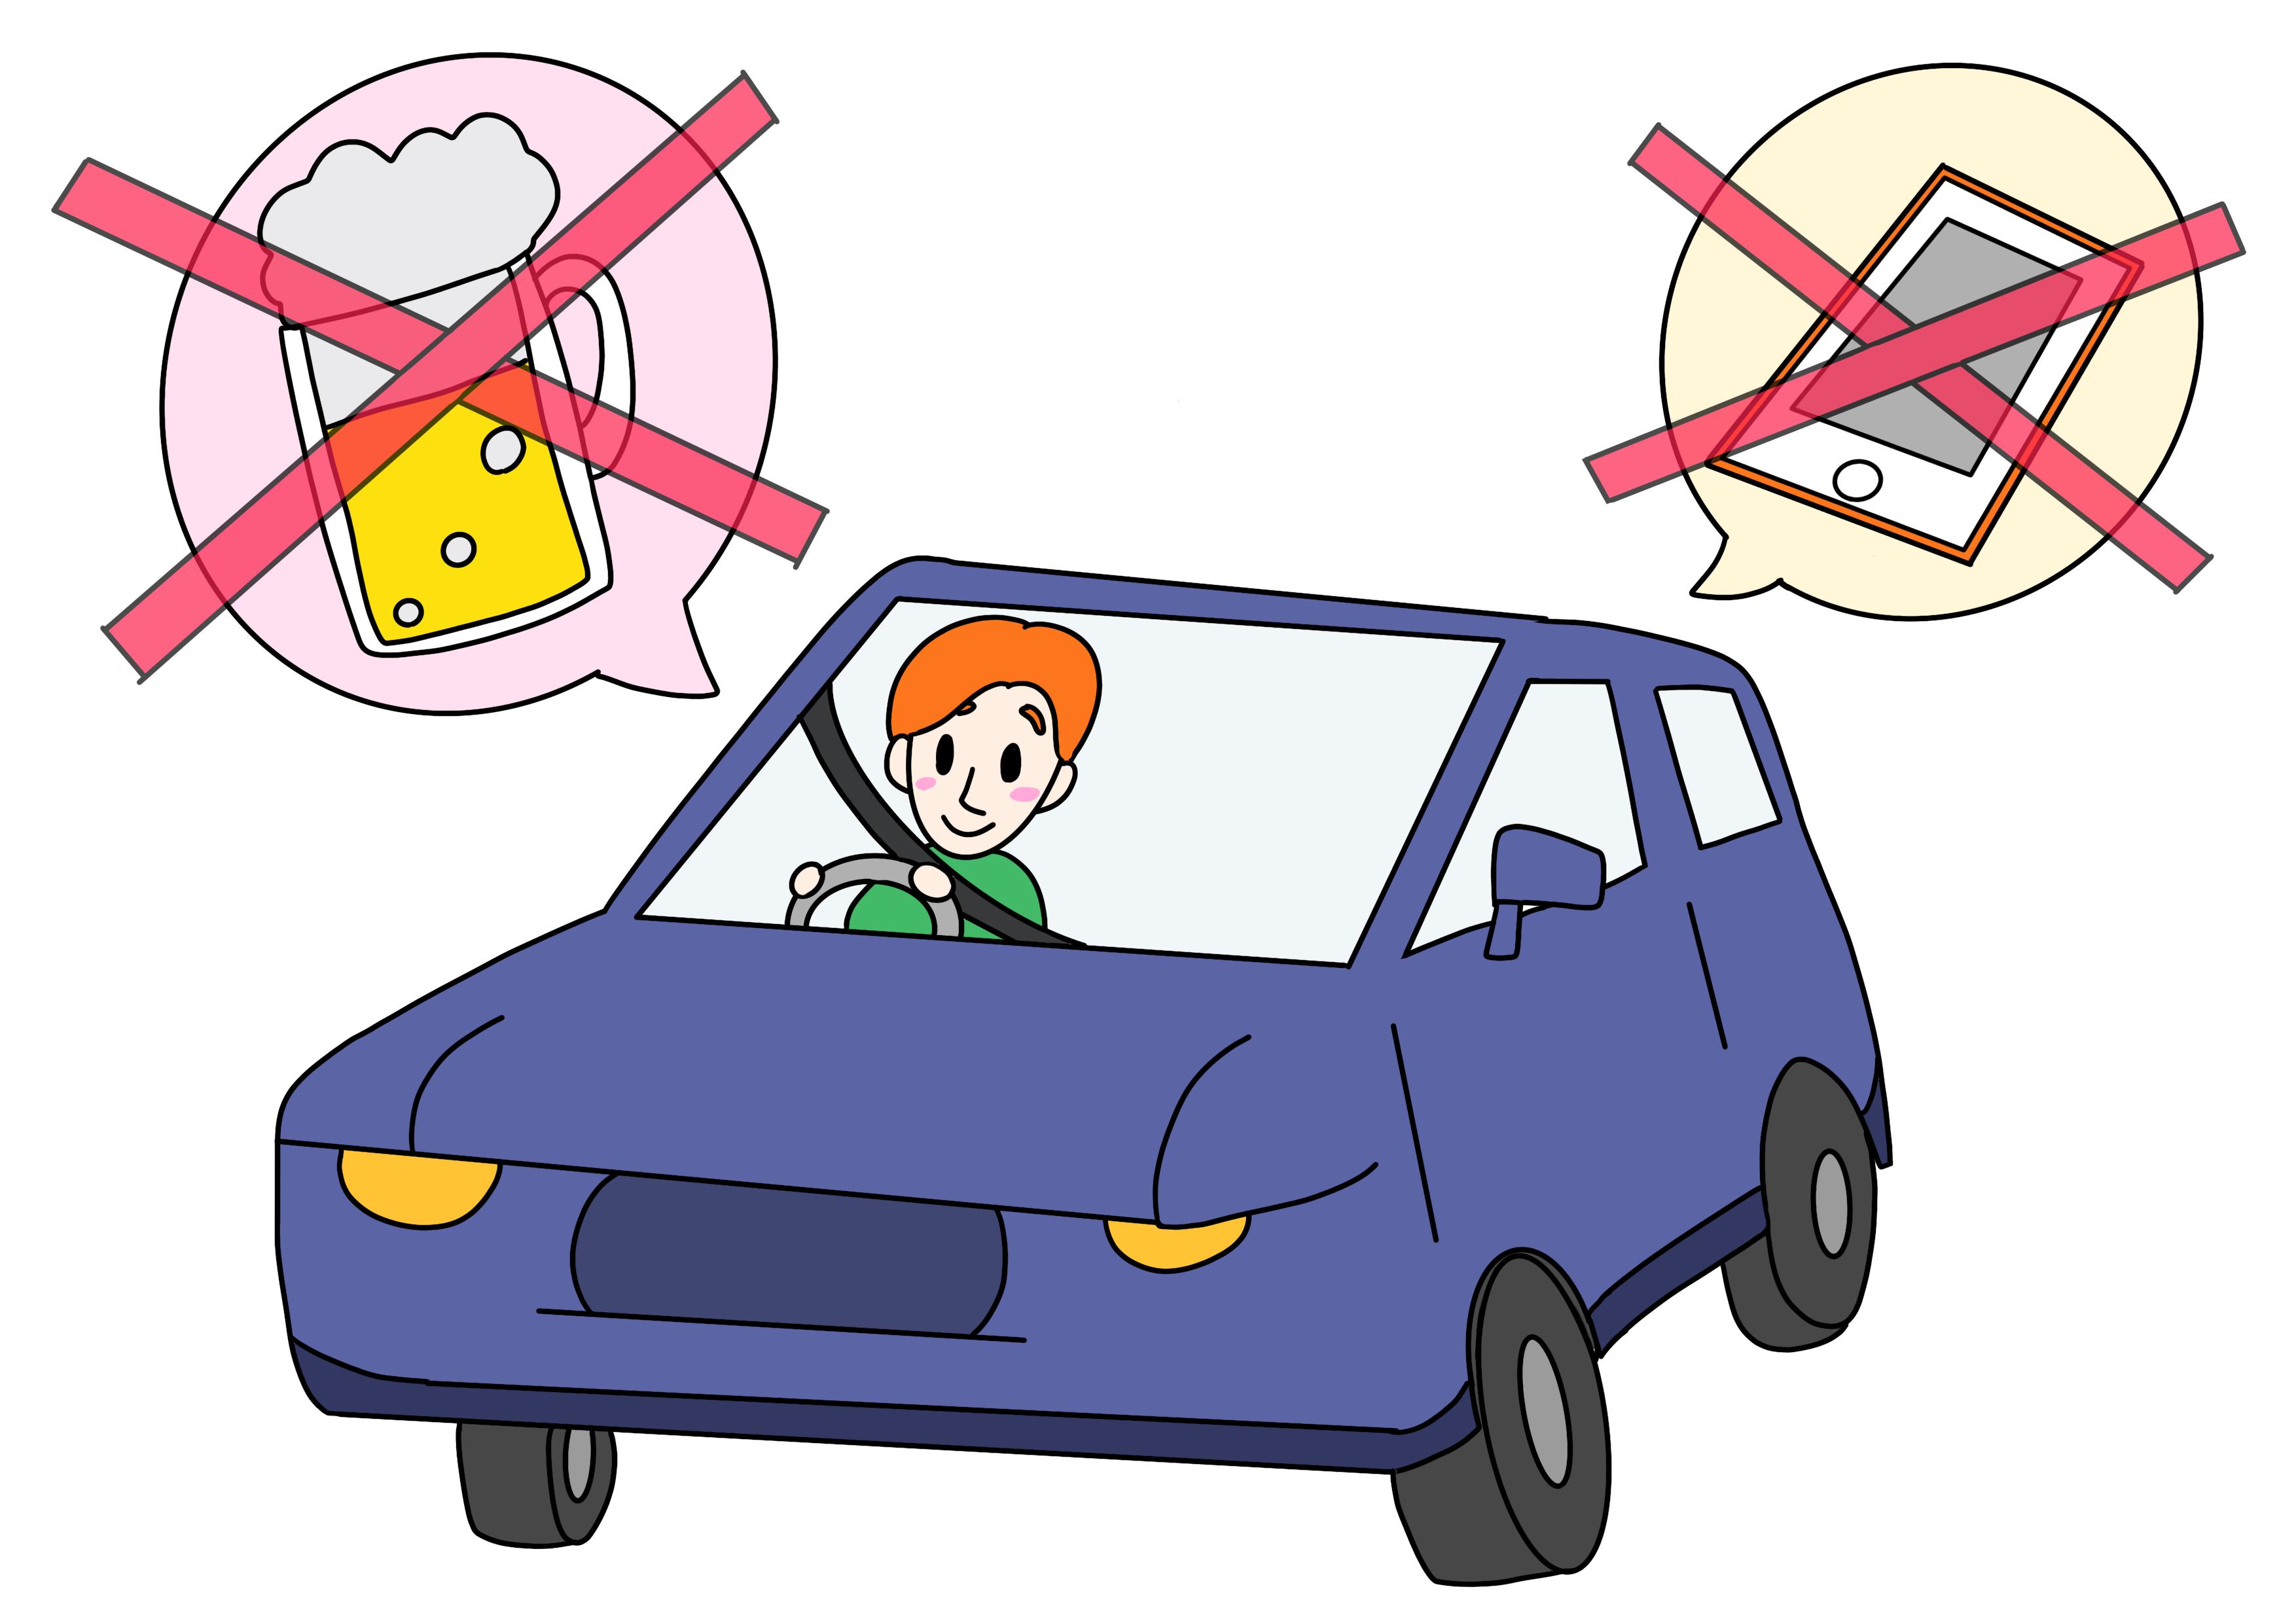 33課イラスト【交通規則を守る】